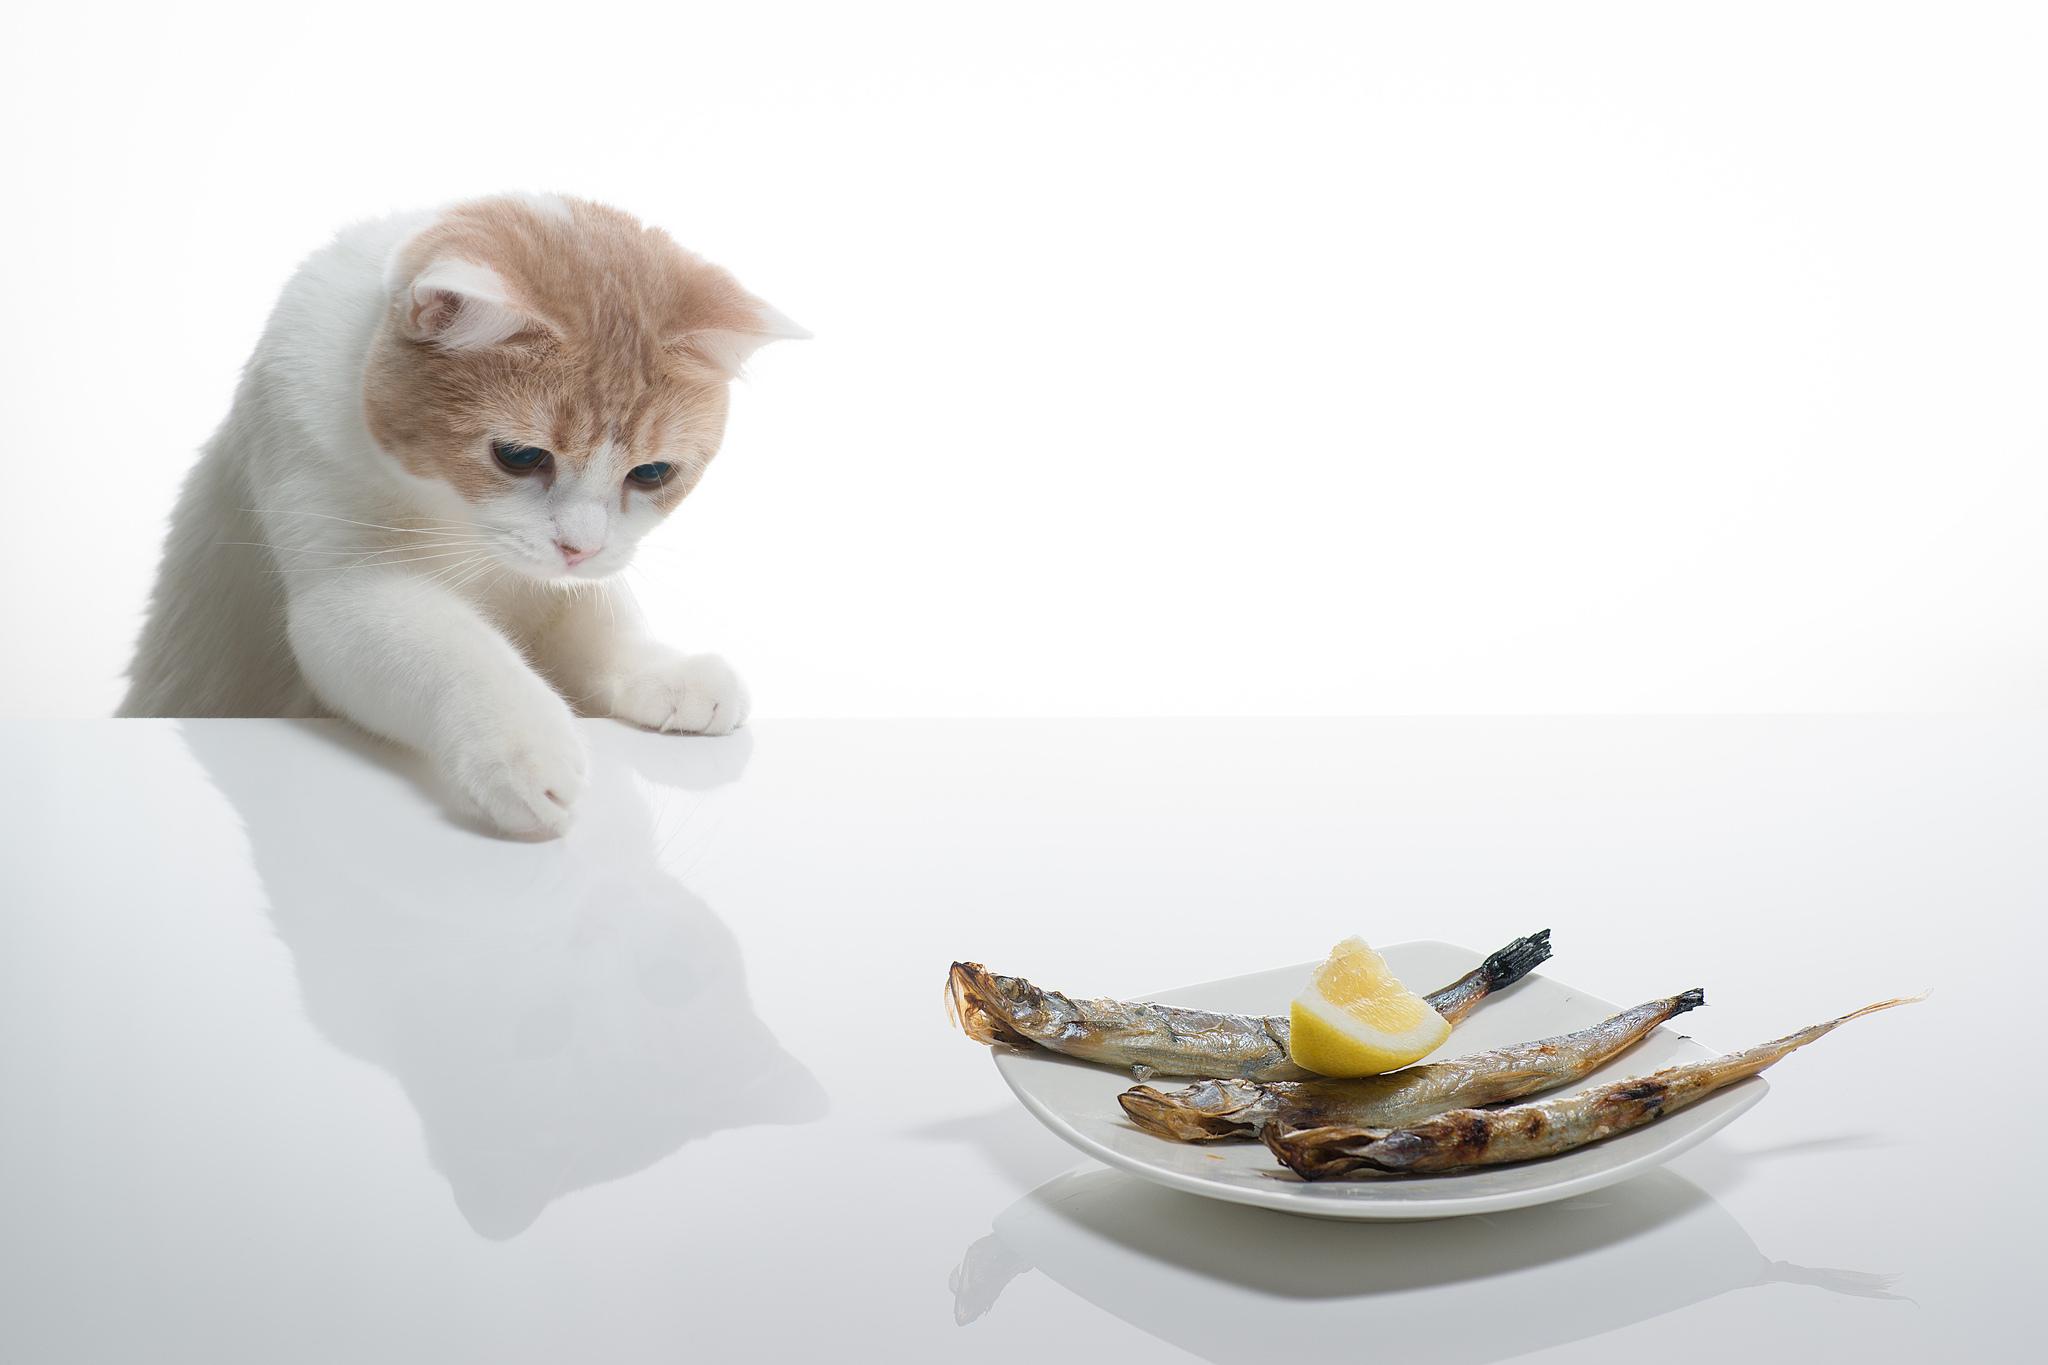 серый кот с рыбкой  № 692249 загрузить